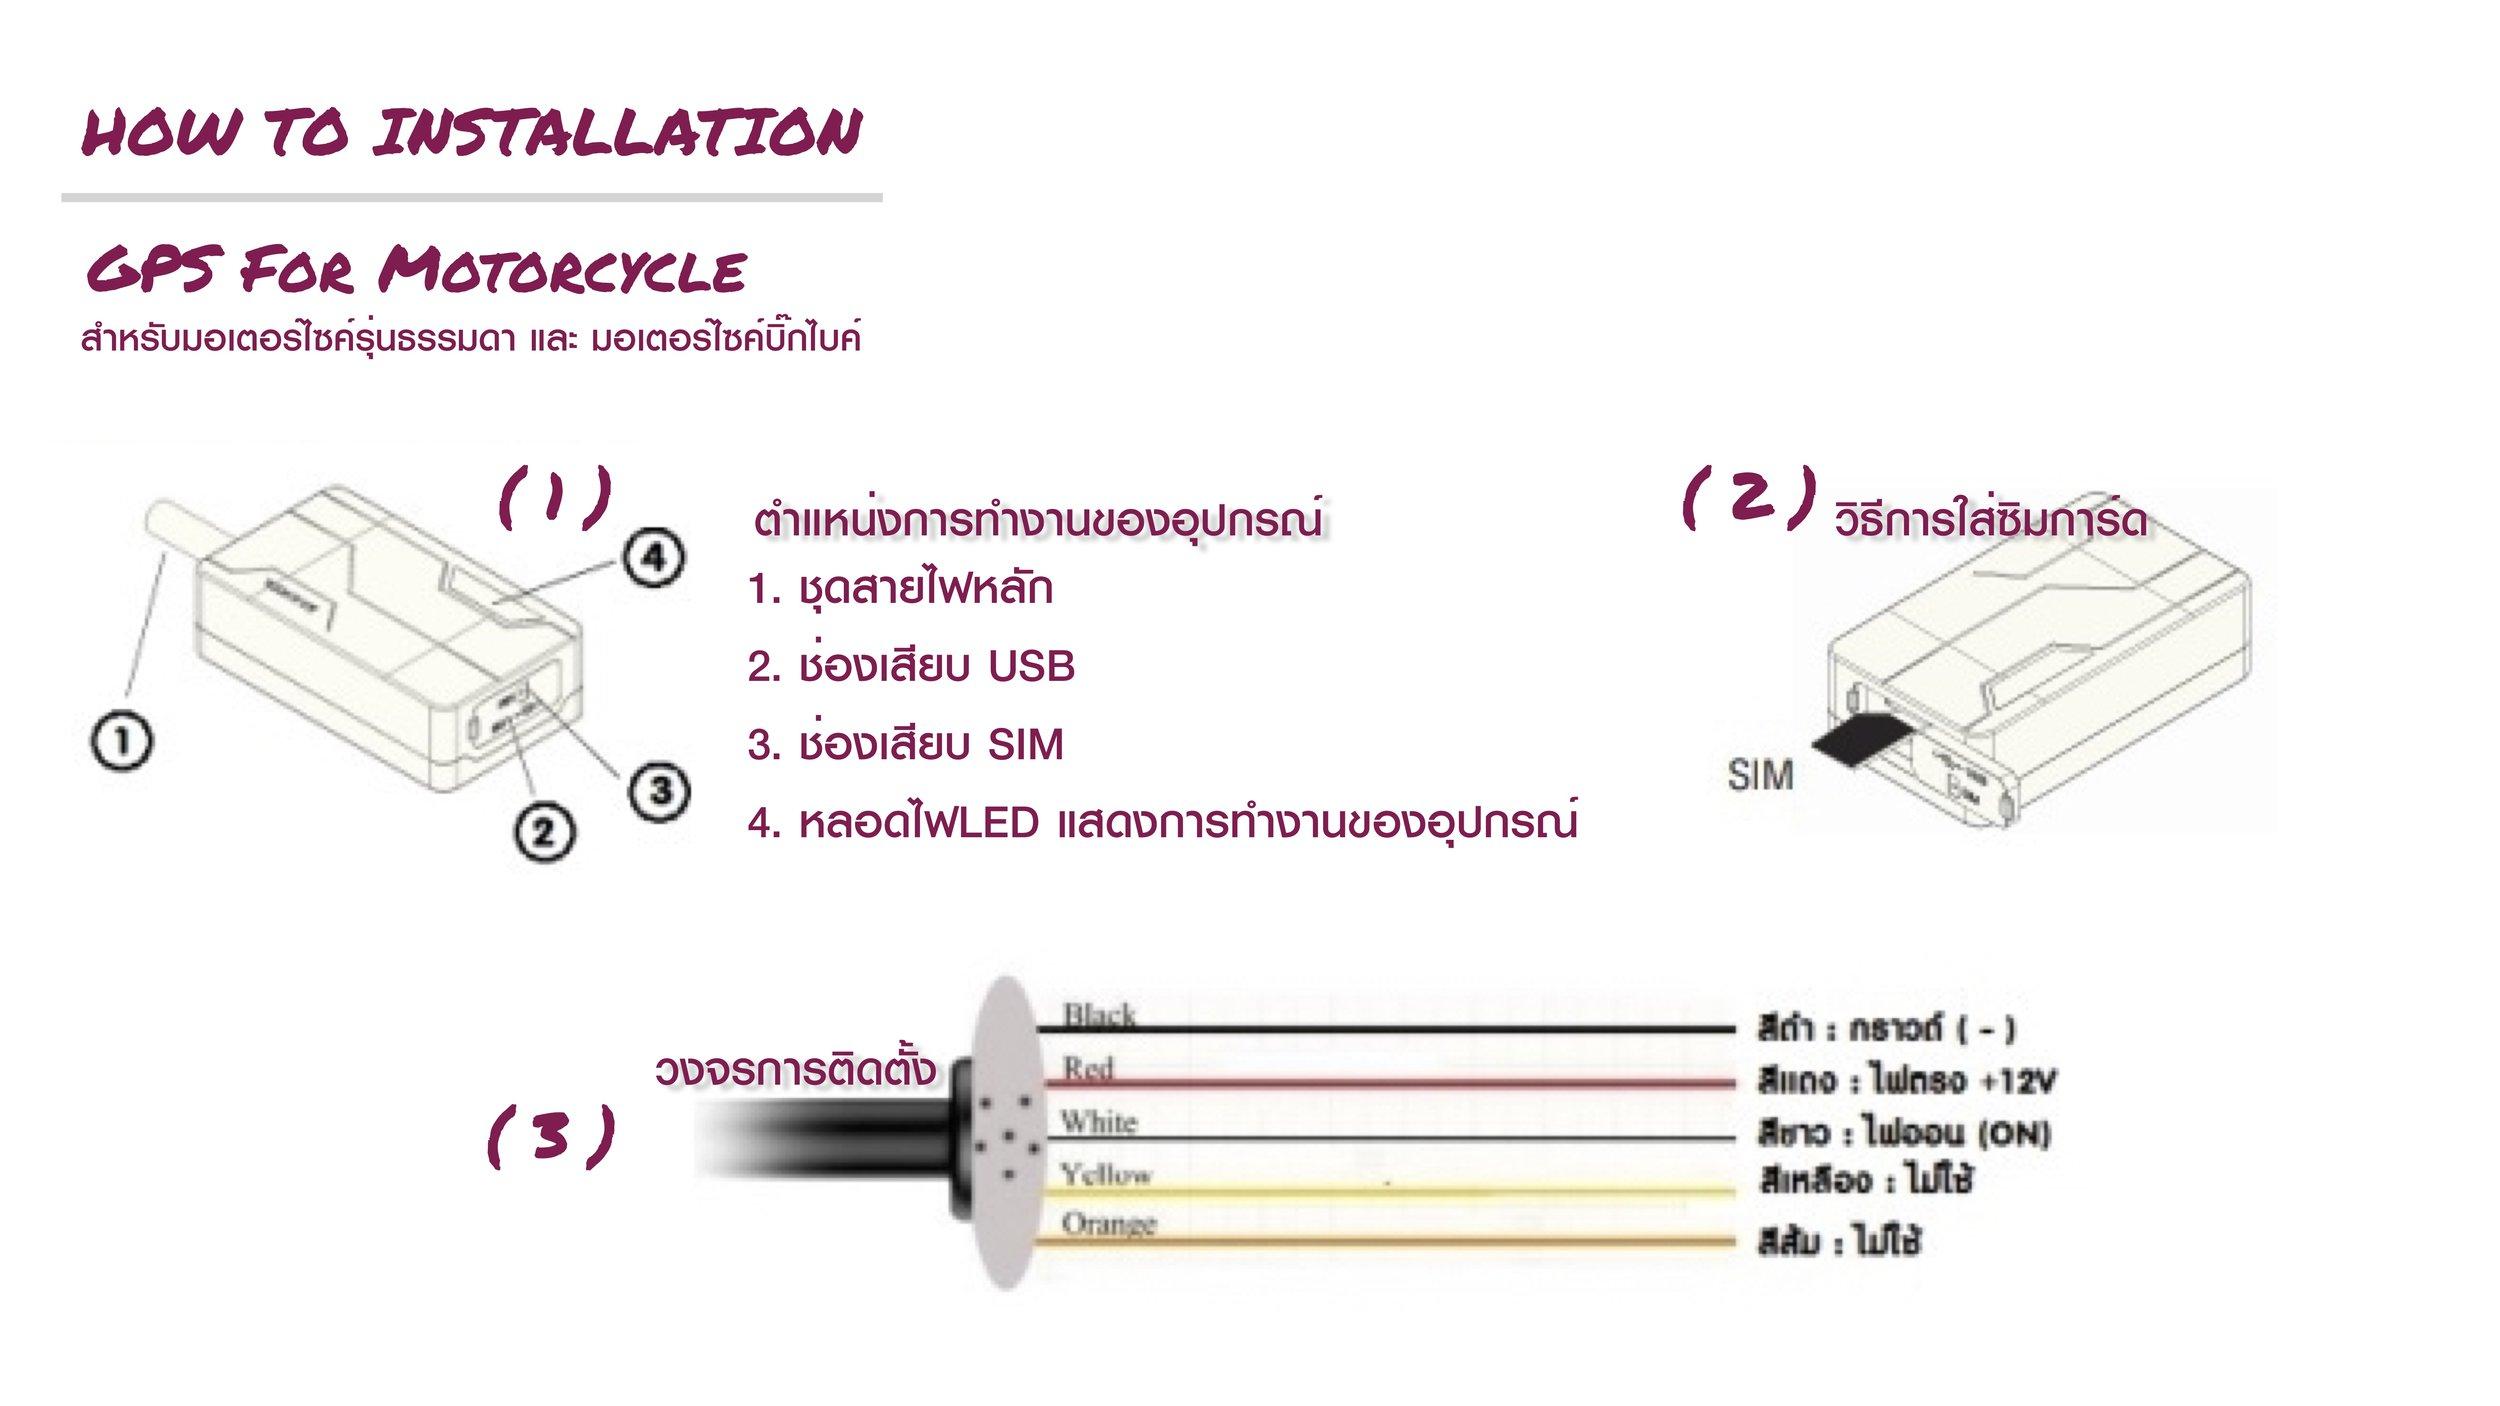 การติดตั้งจีพีเอสมอเตอร์ไซค์_ABG